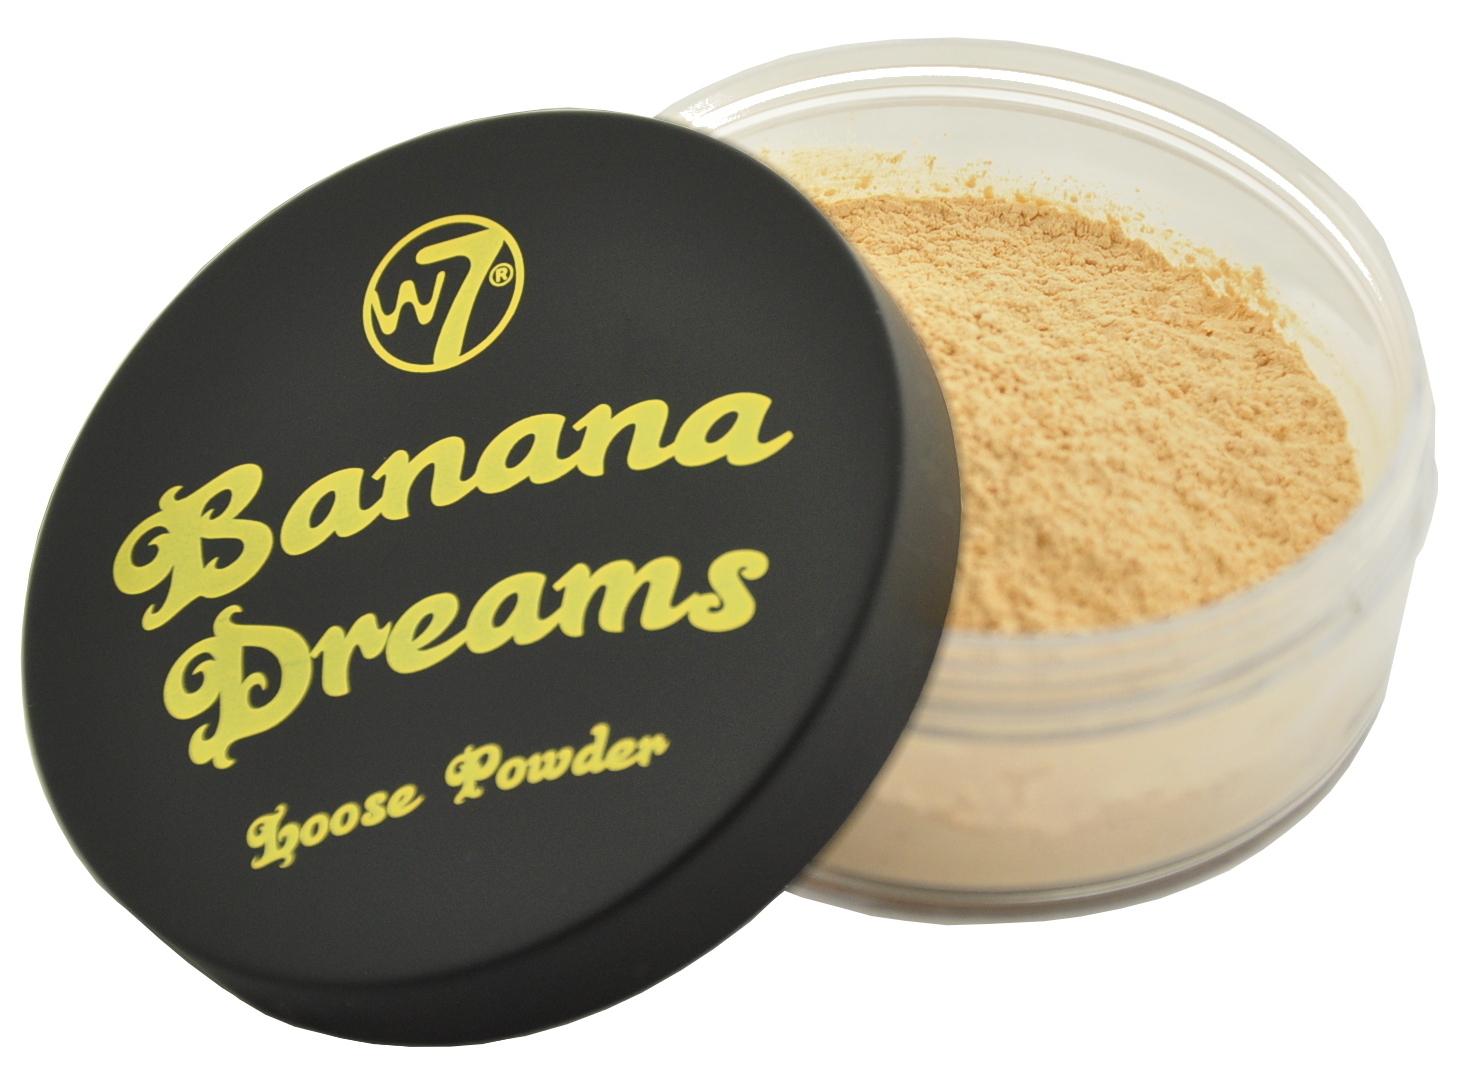 """Résultat de recherche d'images pour """"banana dreams"""""""